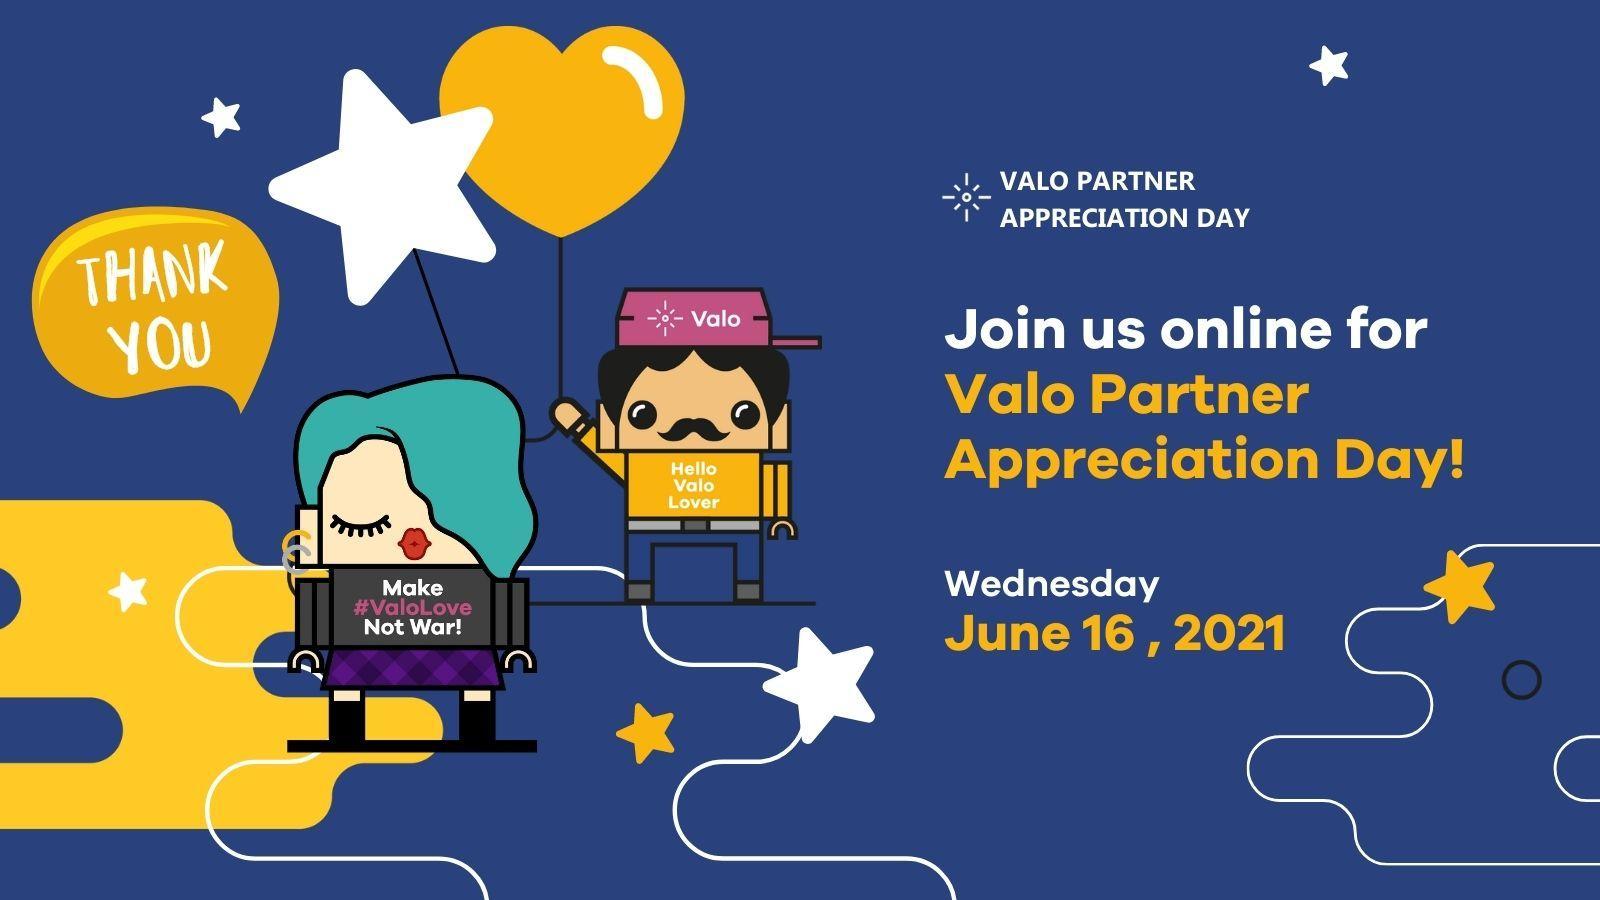 Valo Partner Appreciation Day 2021 Banner (1)